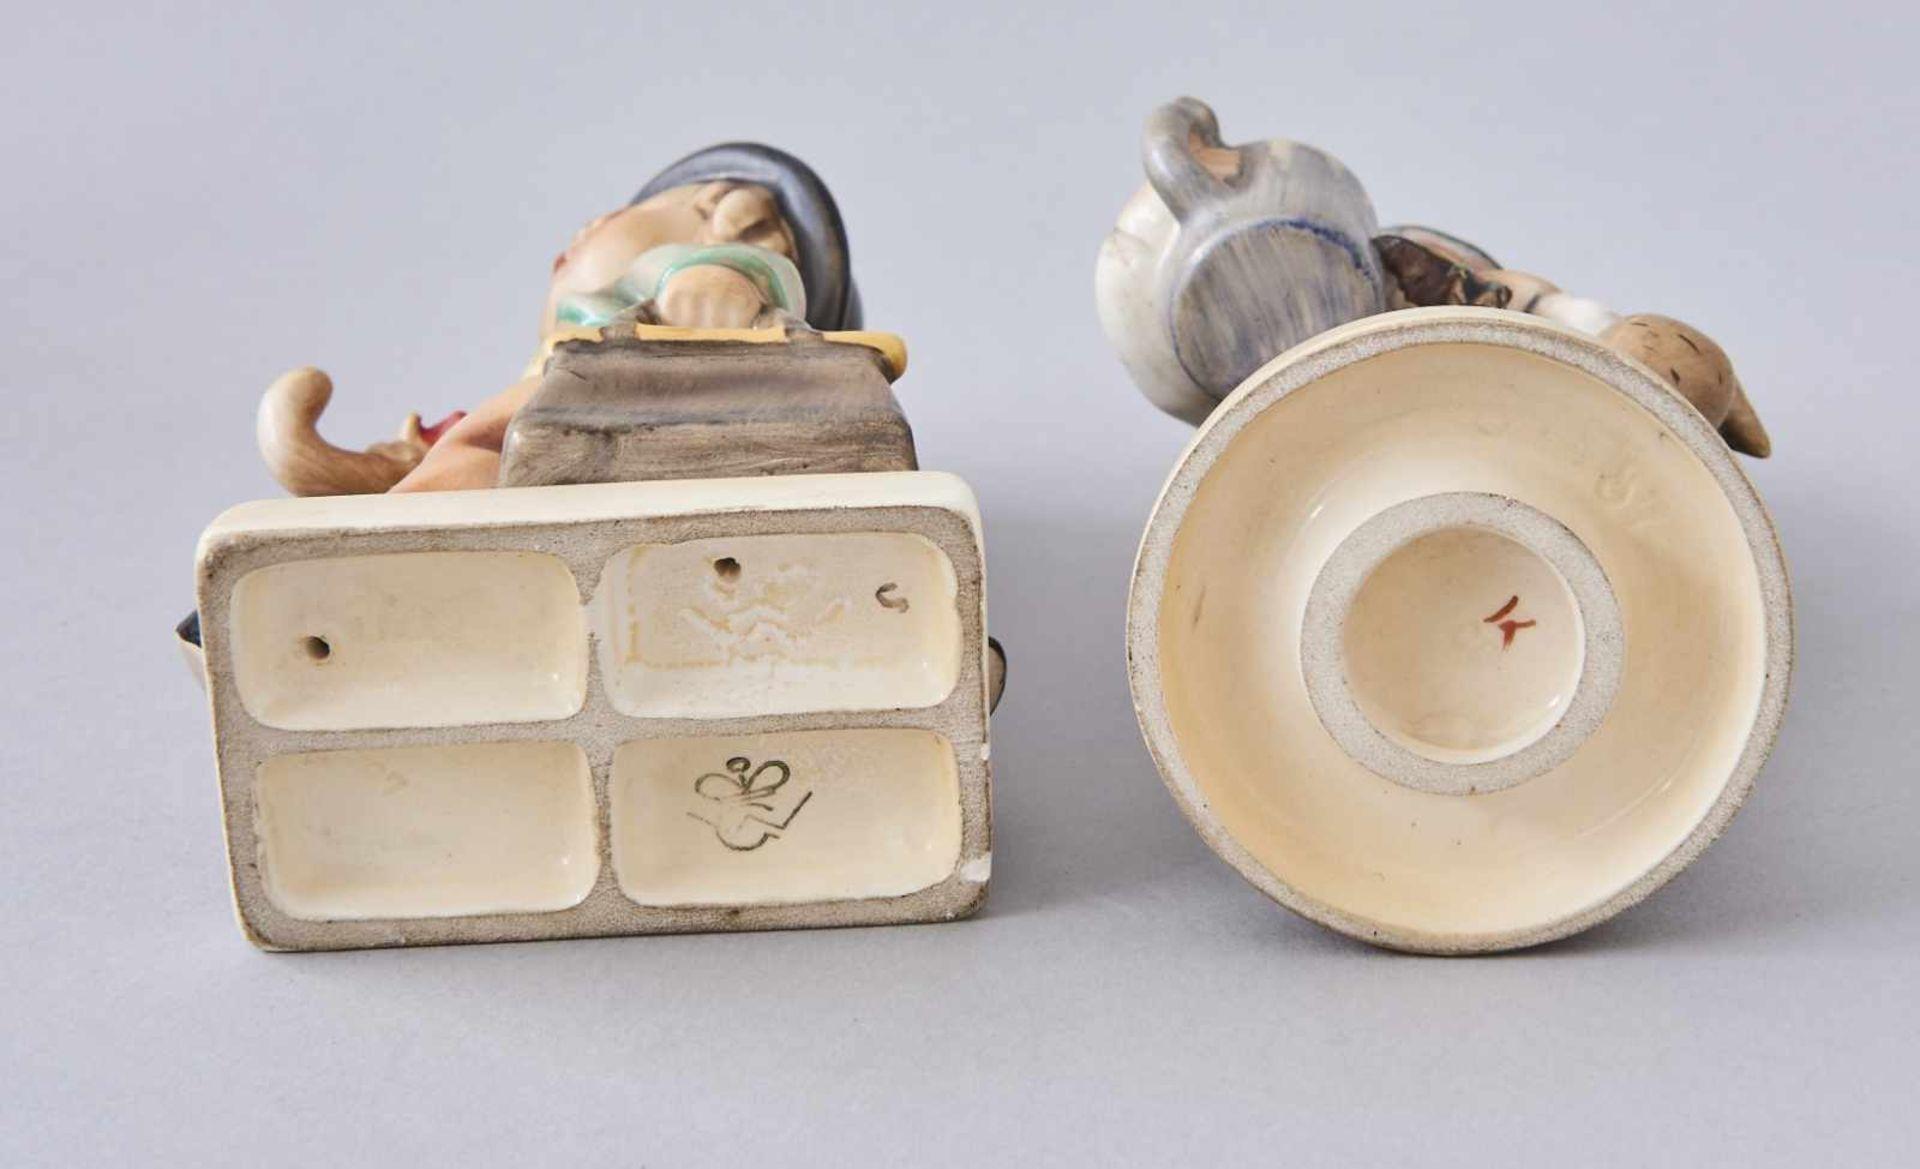 Los 41 - Zwei HummelfigurenSchuljunge und Junge mit Bierkrug, alte Marke.Höhe 13 und 13,5 cm